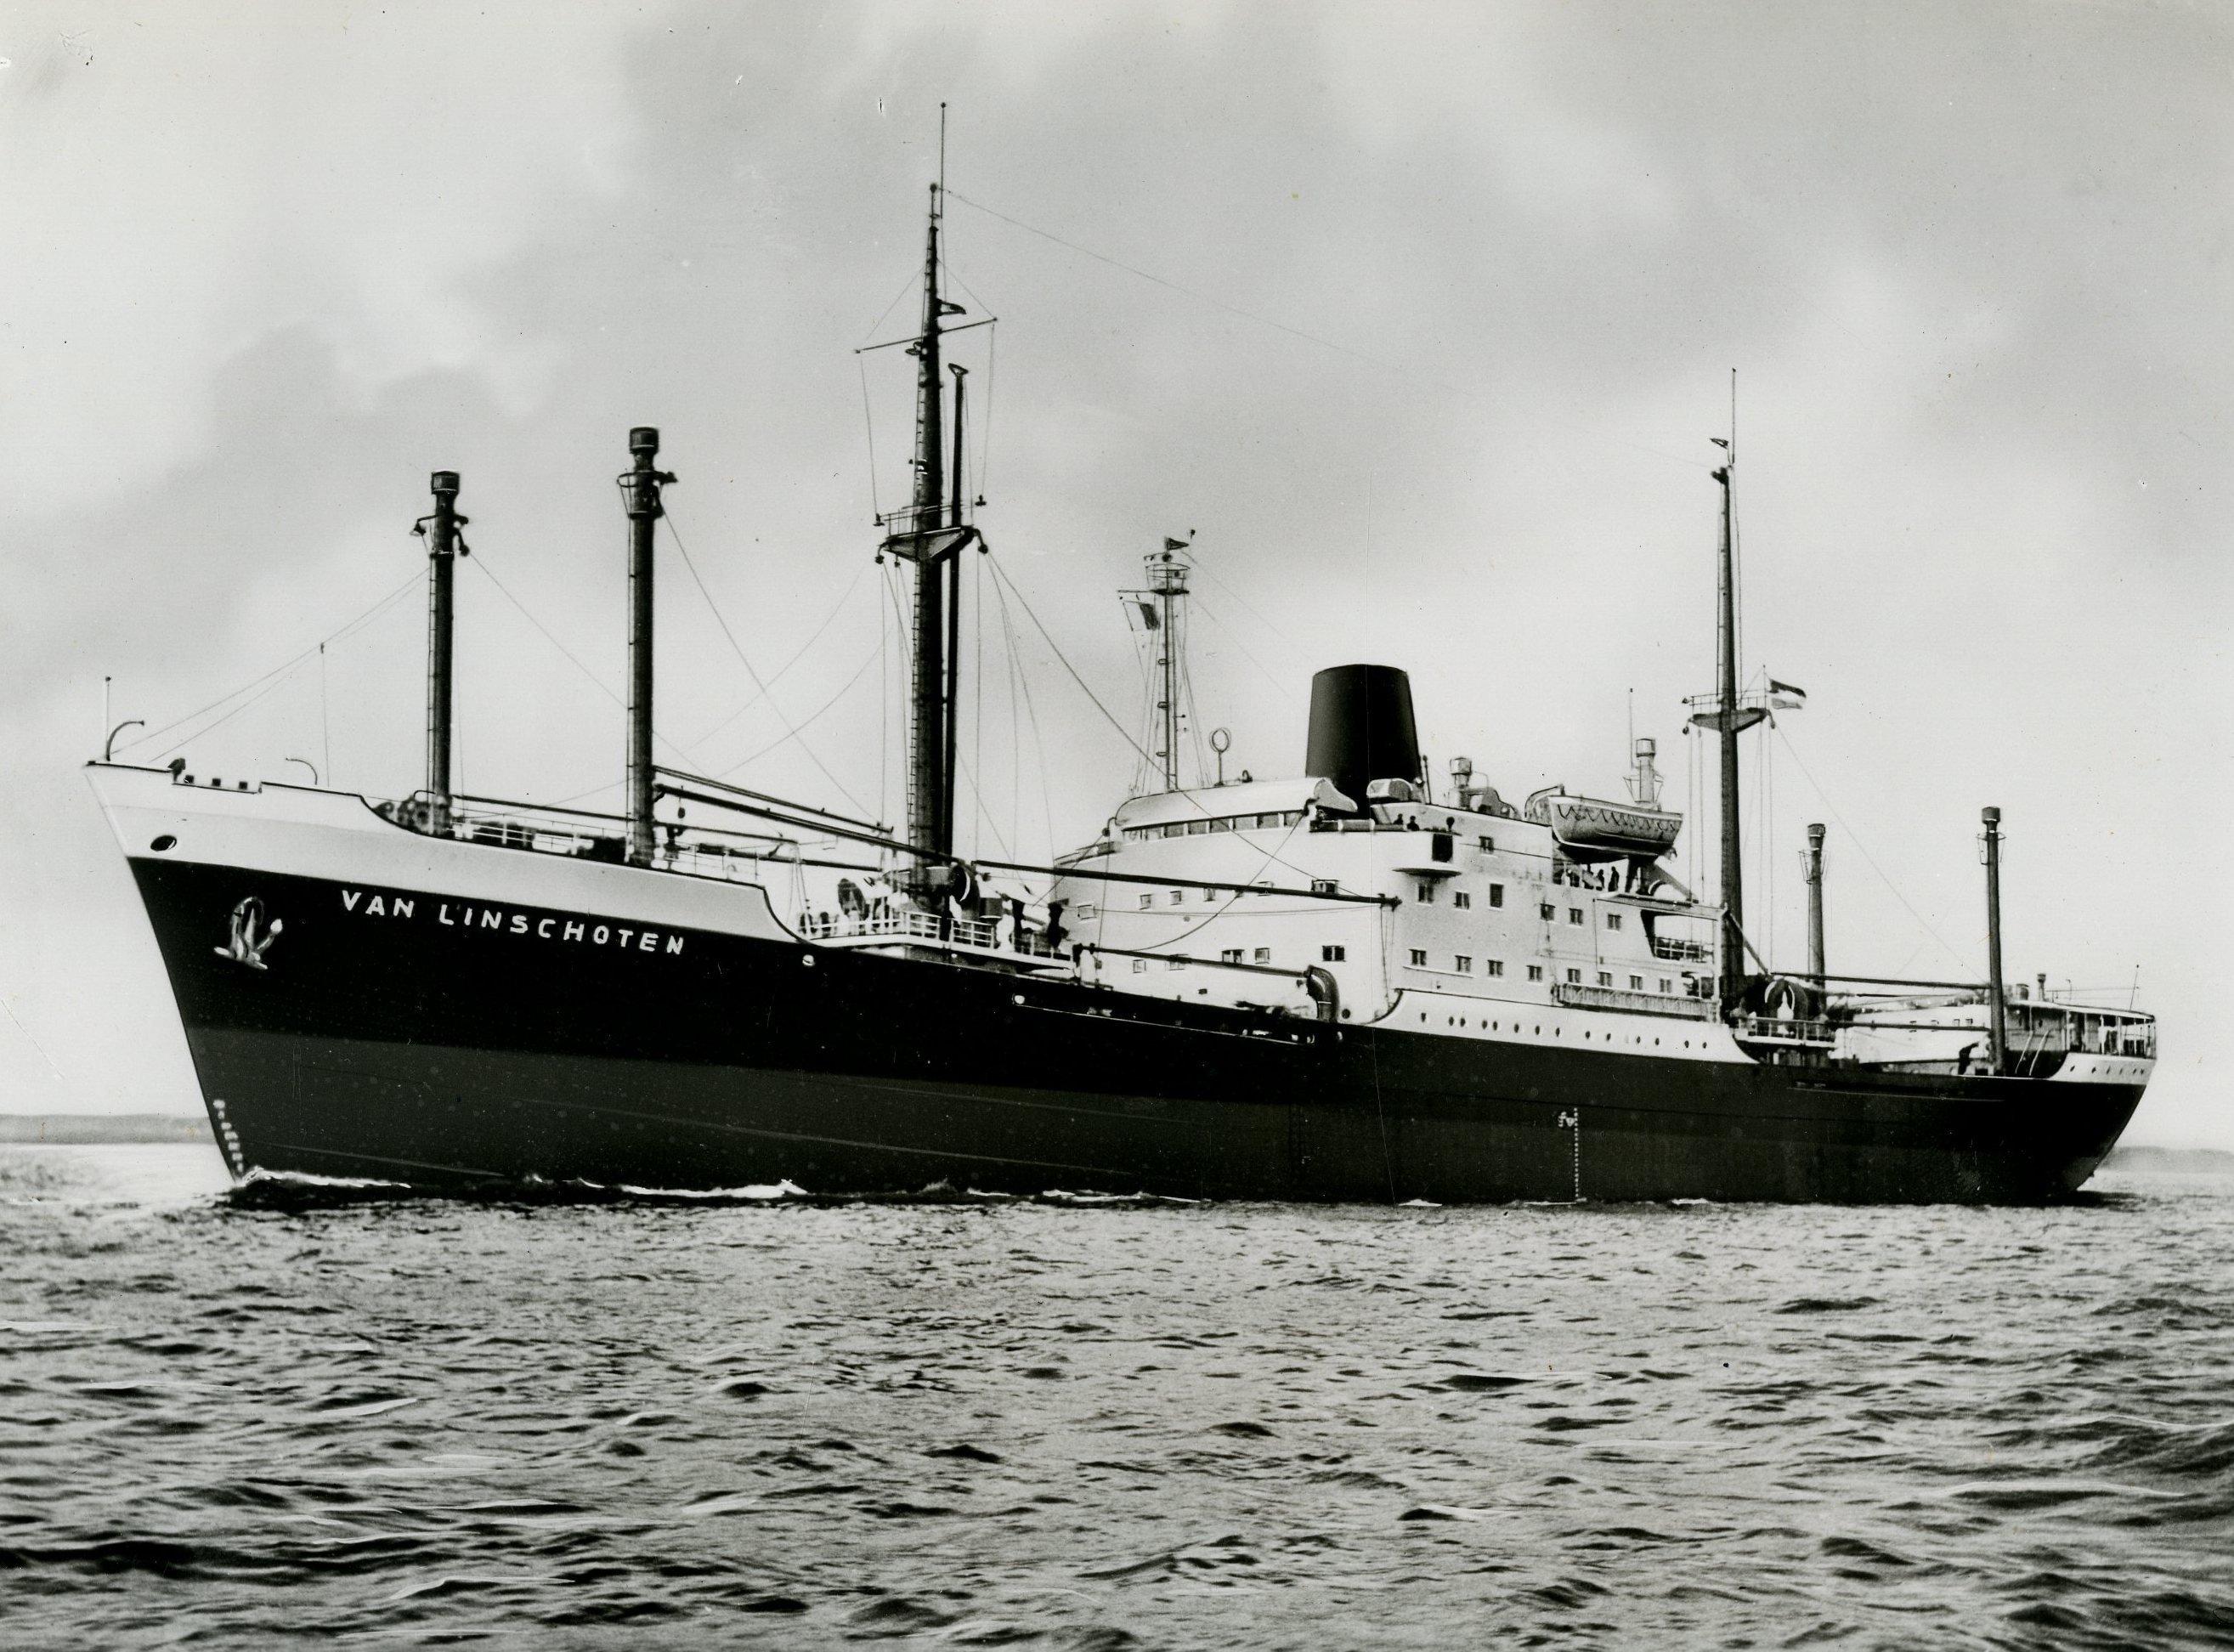 Bnr. 113: van Linschoten (1958)